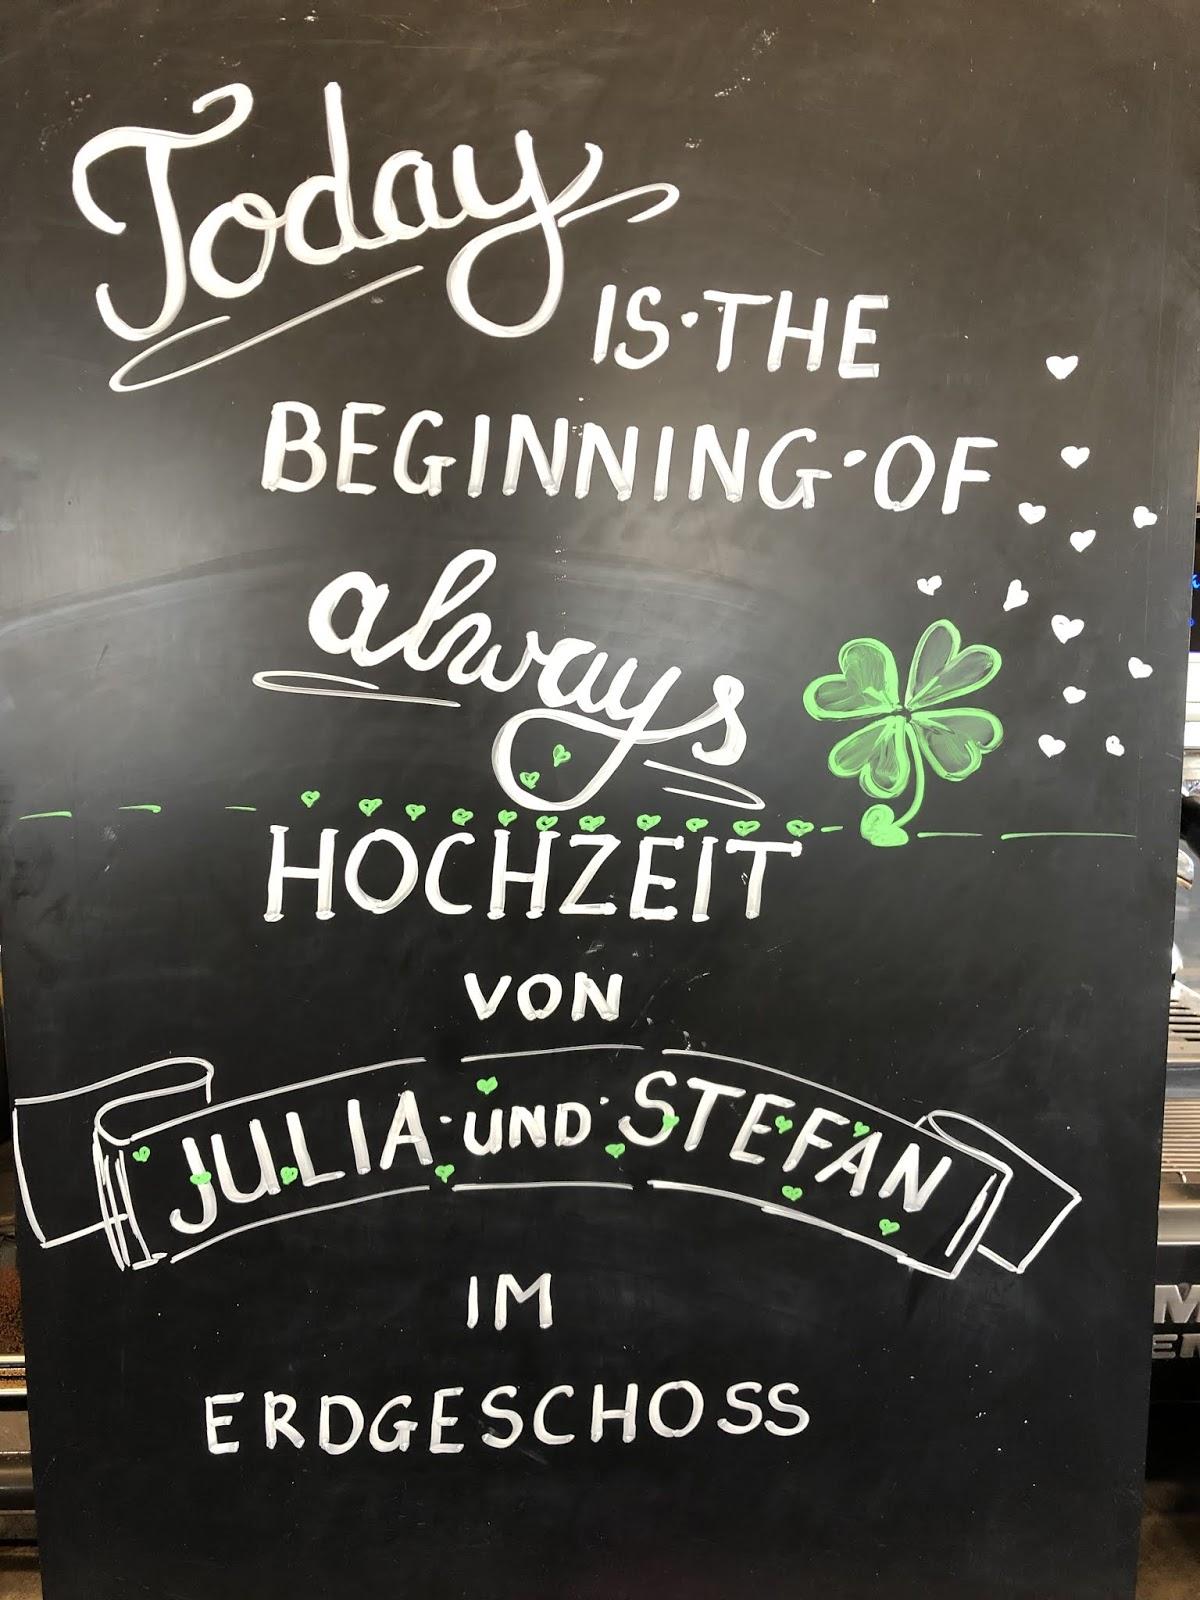 Winterhochzeit in Garmisch-Partenkirchen, 4Eck Restaurant, heiraten in Garmisch, Hochzeitslocation, standesamtliche Trauung, Hochzeitsplanung 4 weddings & events, Hochzeitsplanerin Uschi Glas